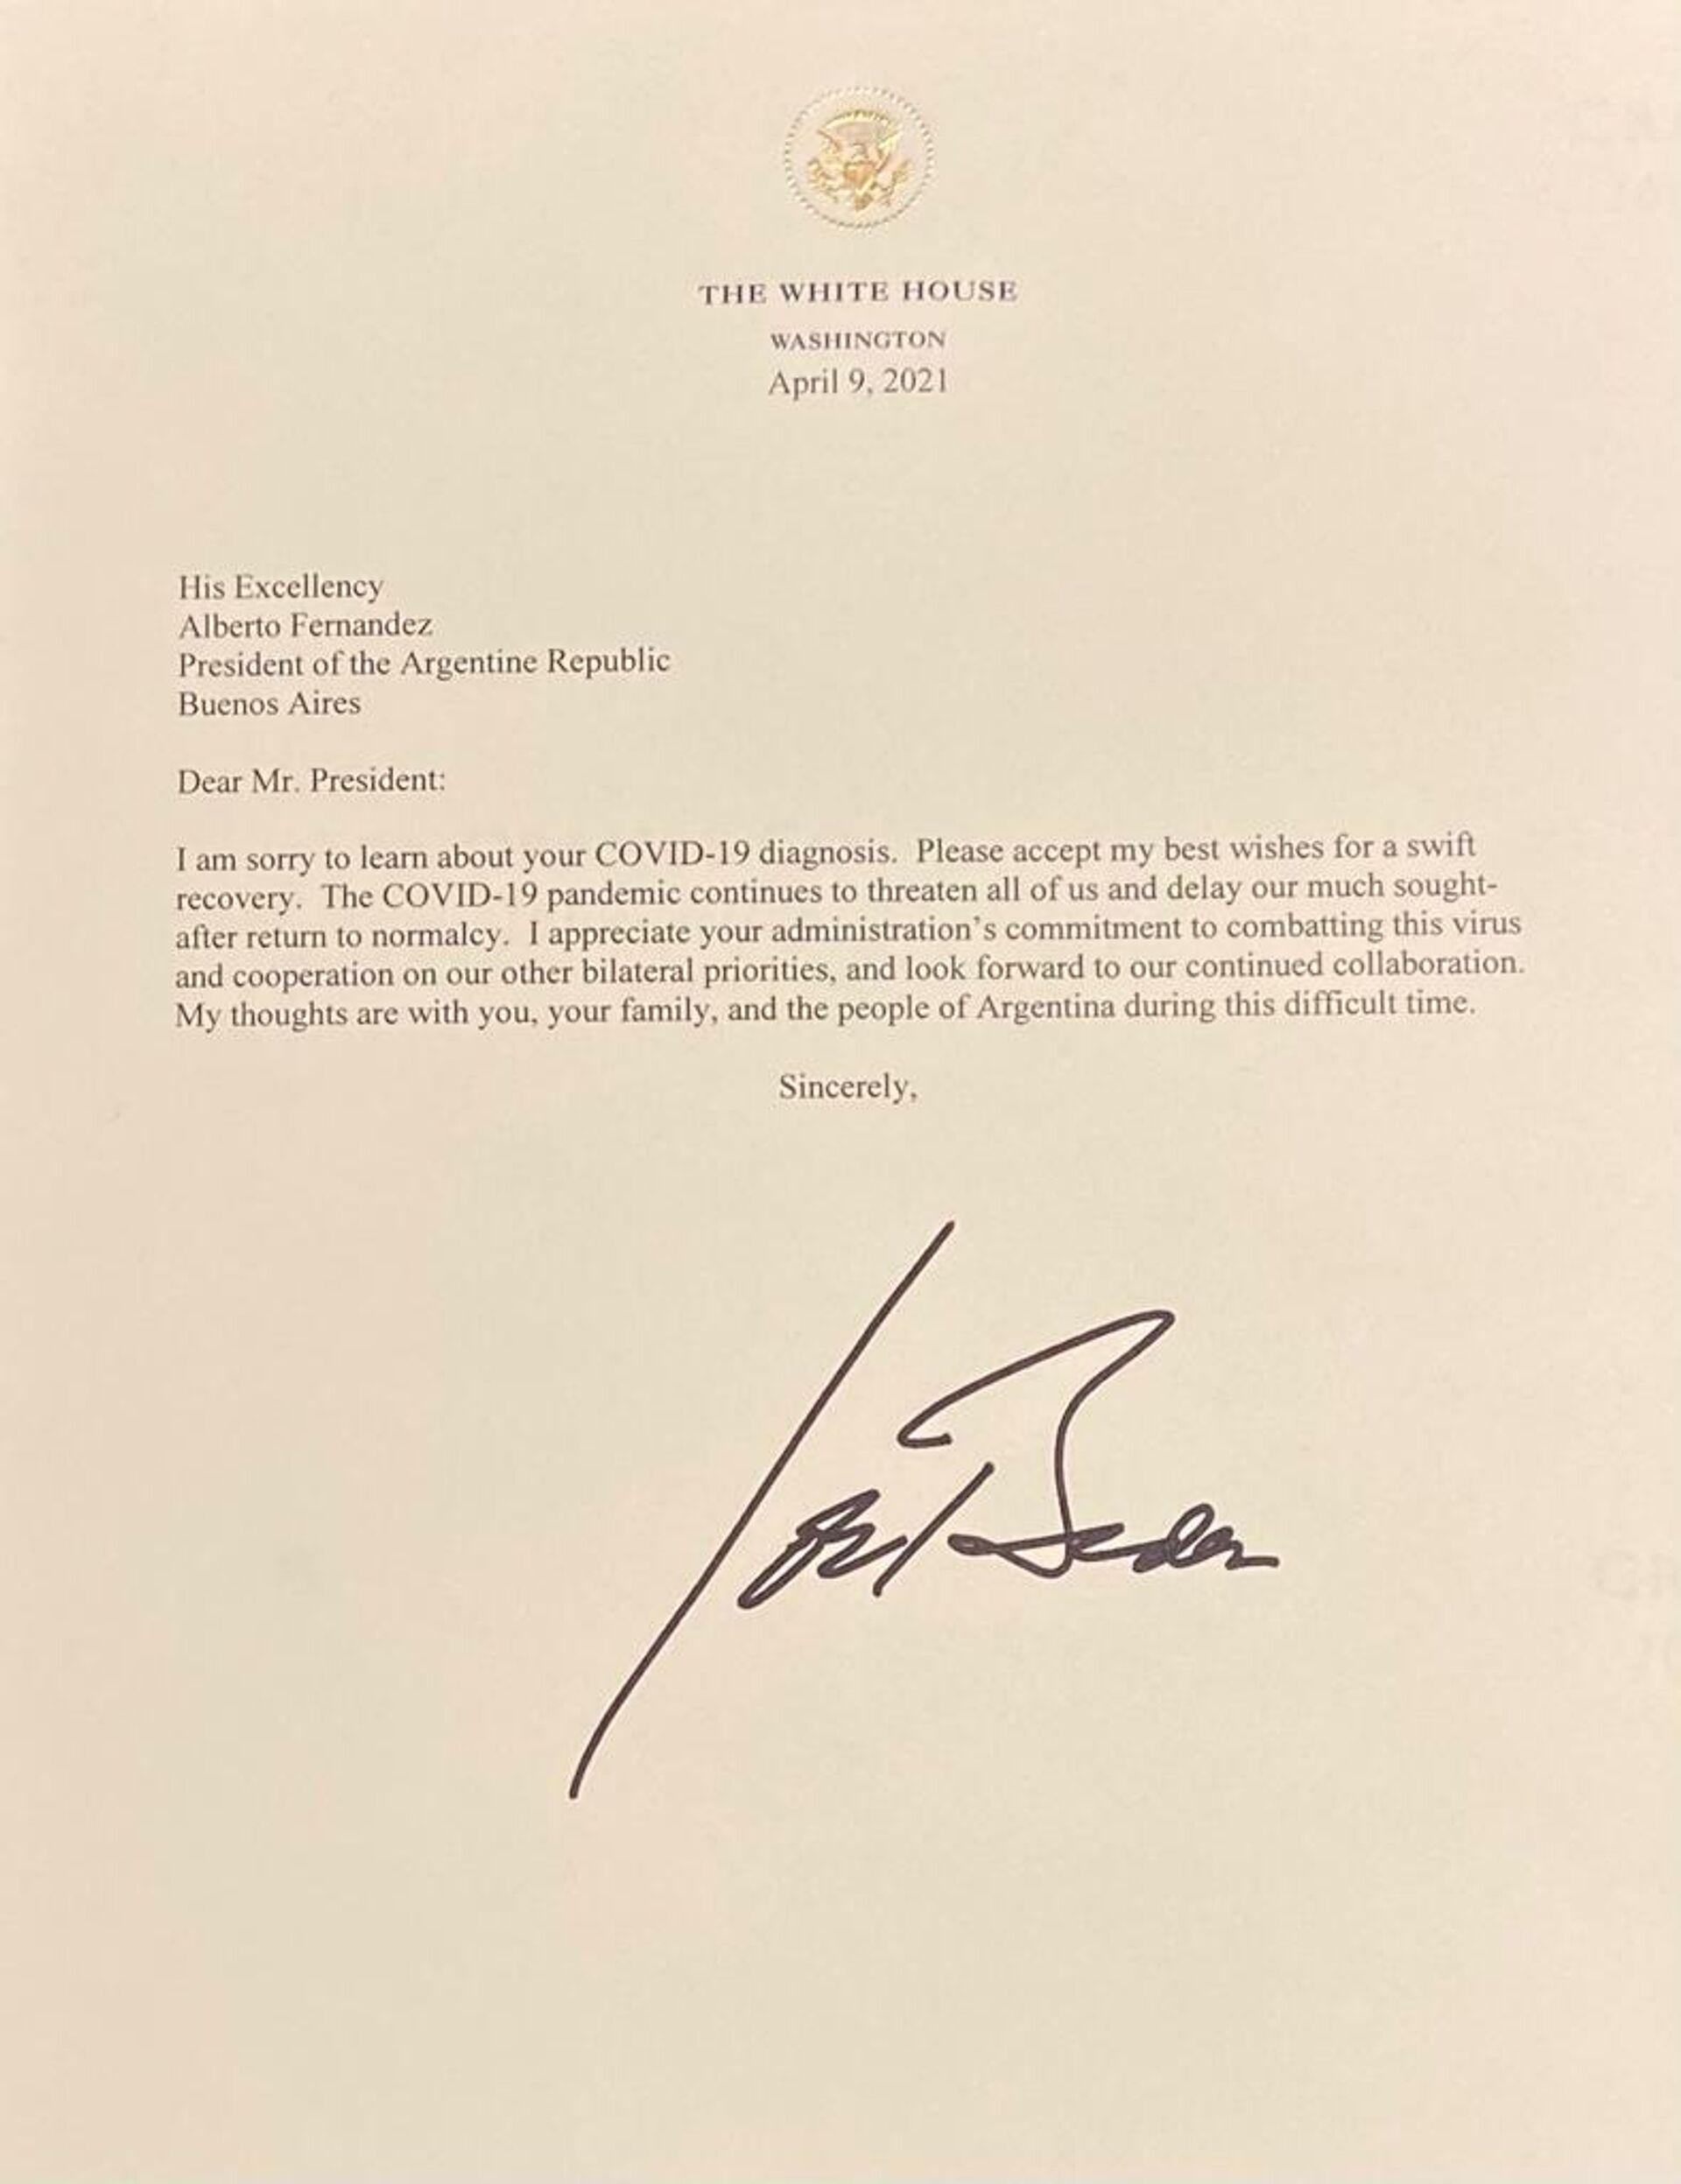 Carta de Joe Biden con deseos de pronta recuperación del COVID-19 para Alberto Fernández - Sputnik Mundo, 1920, 14.04.2021